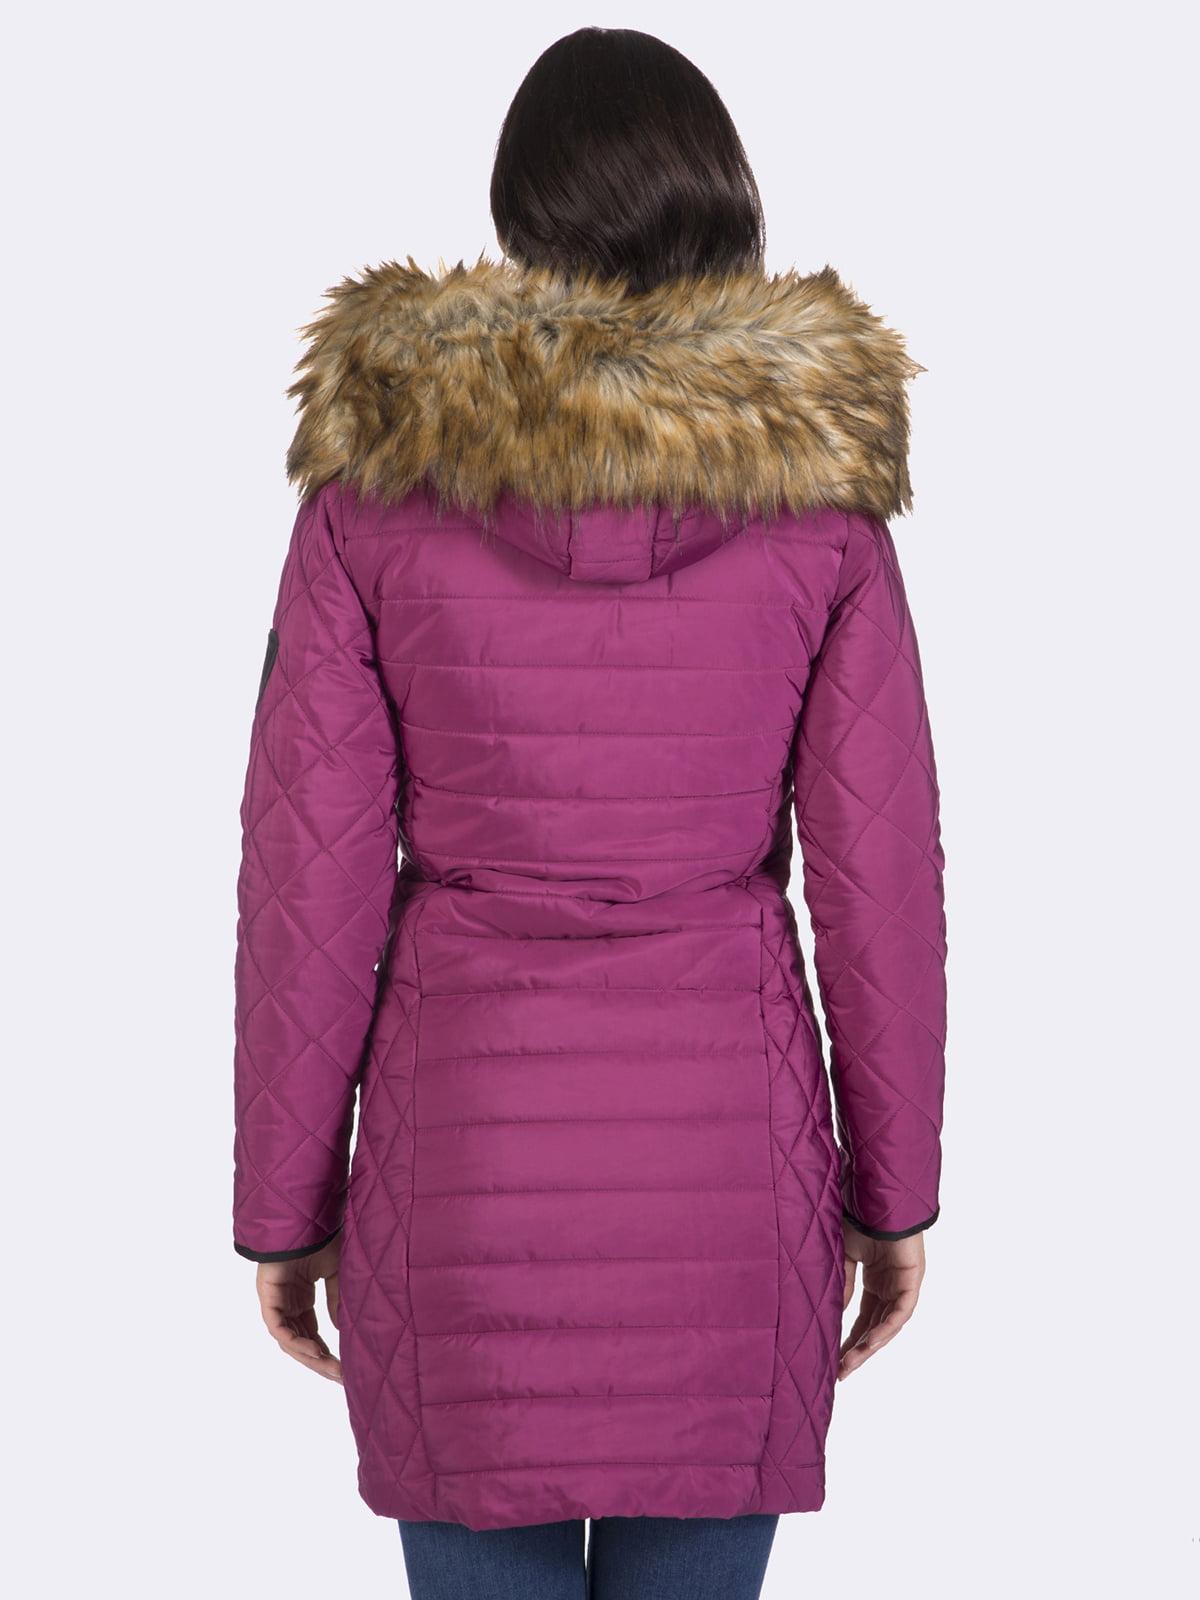 Пальто кольору фуксії | 4593015 | фото 8